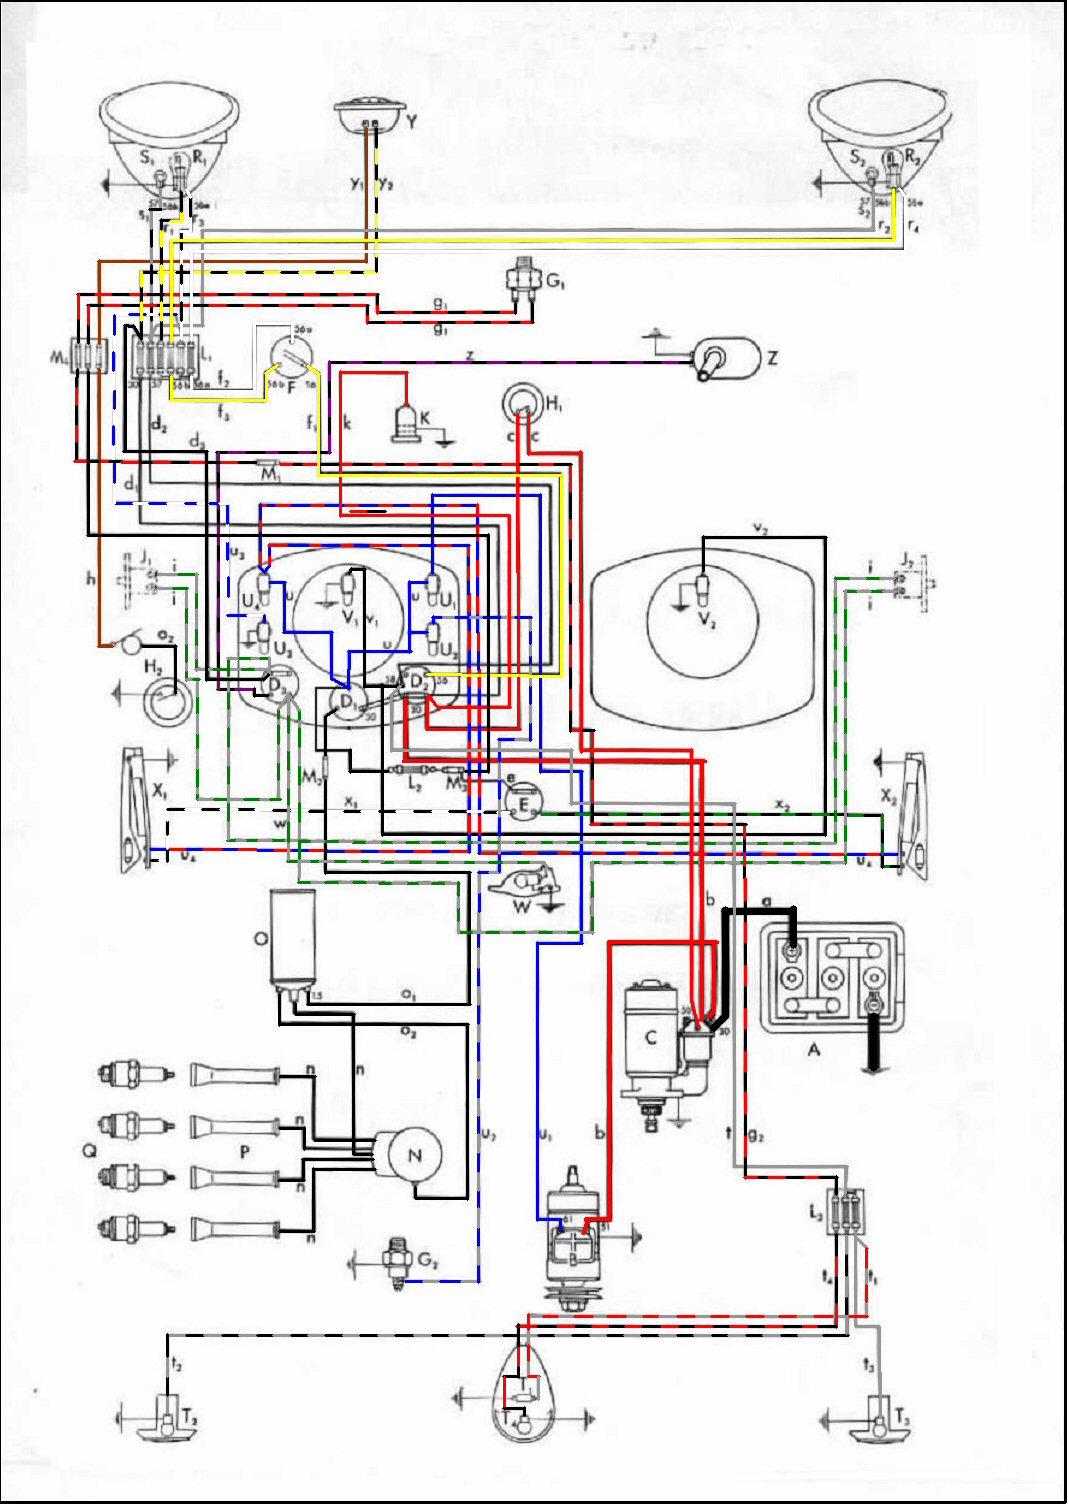 Volkswagen Cabrio Fuse Box Diagram Thesamba Com Type 1 Wiring Diagrams